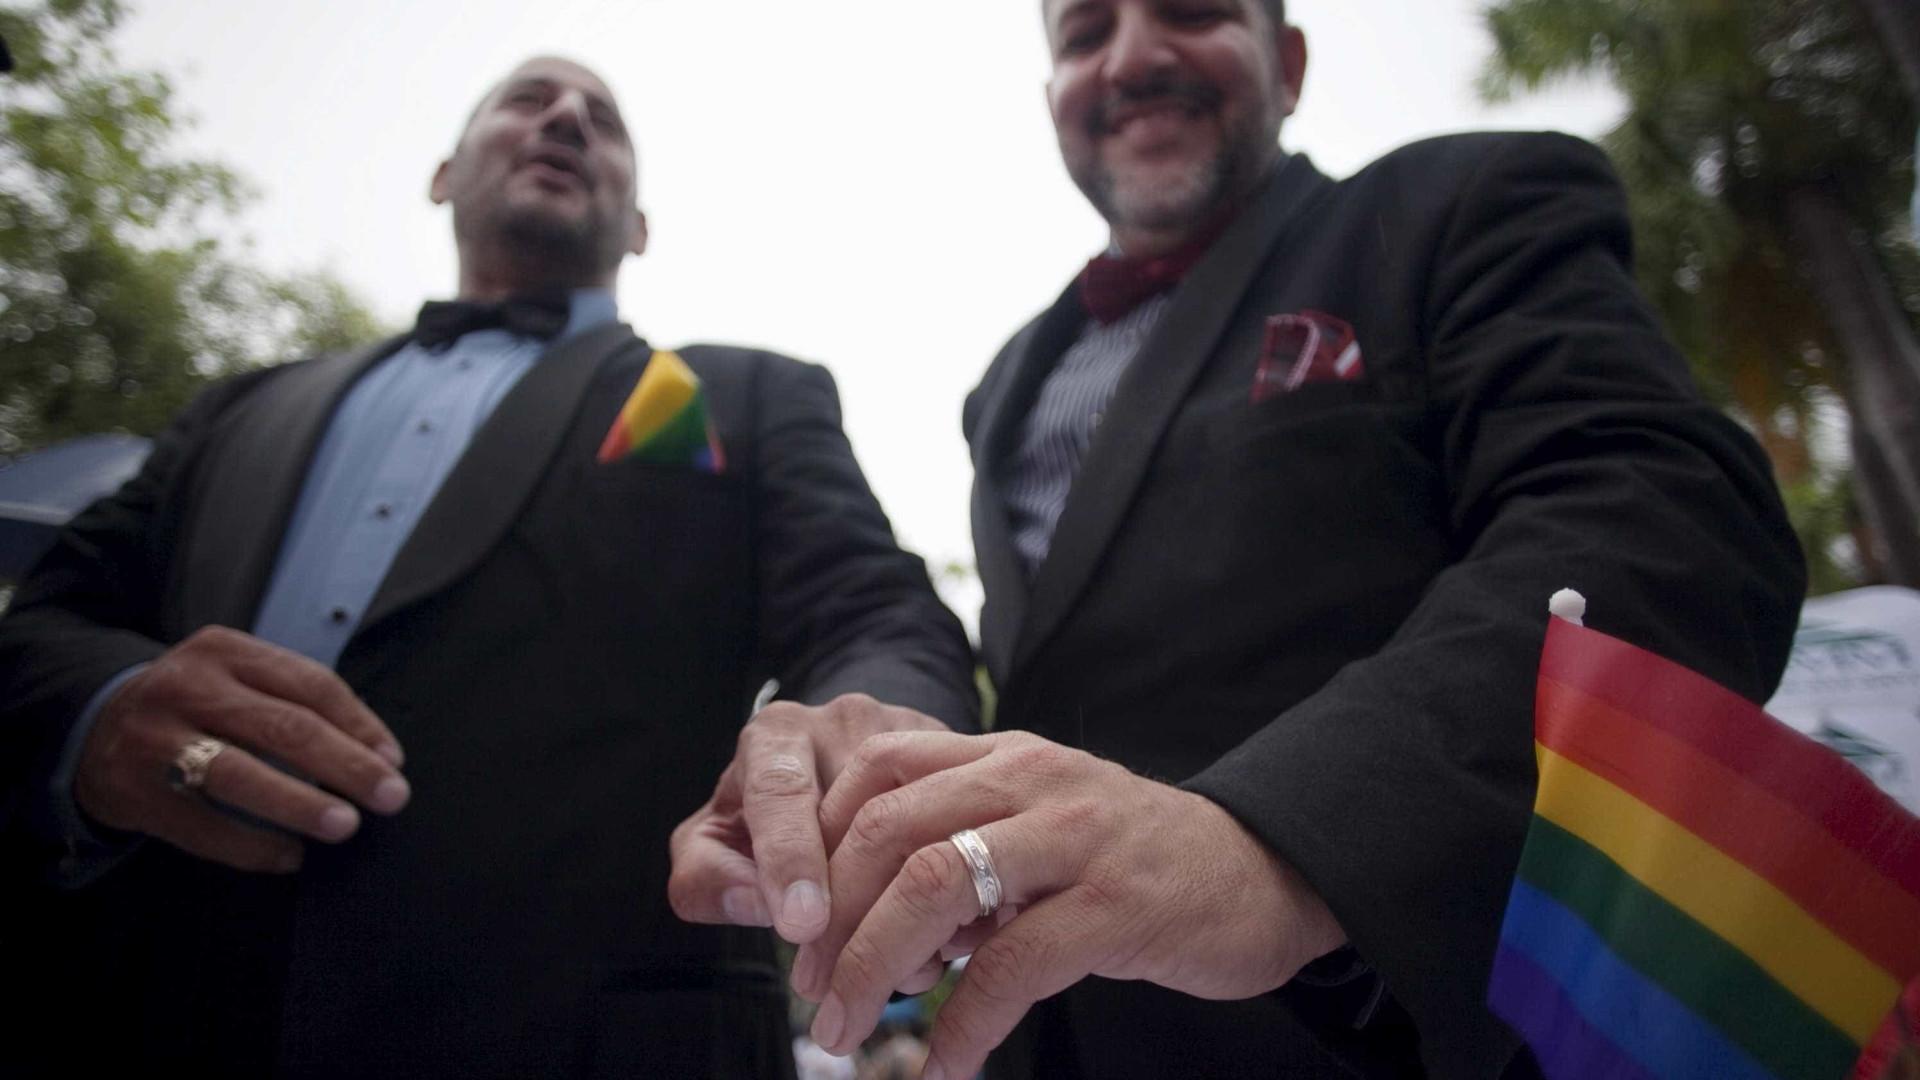 Brasileiros LGBT tentam ganhar espaço na Igreja Católica